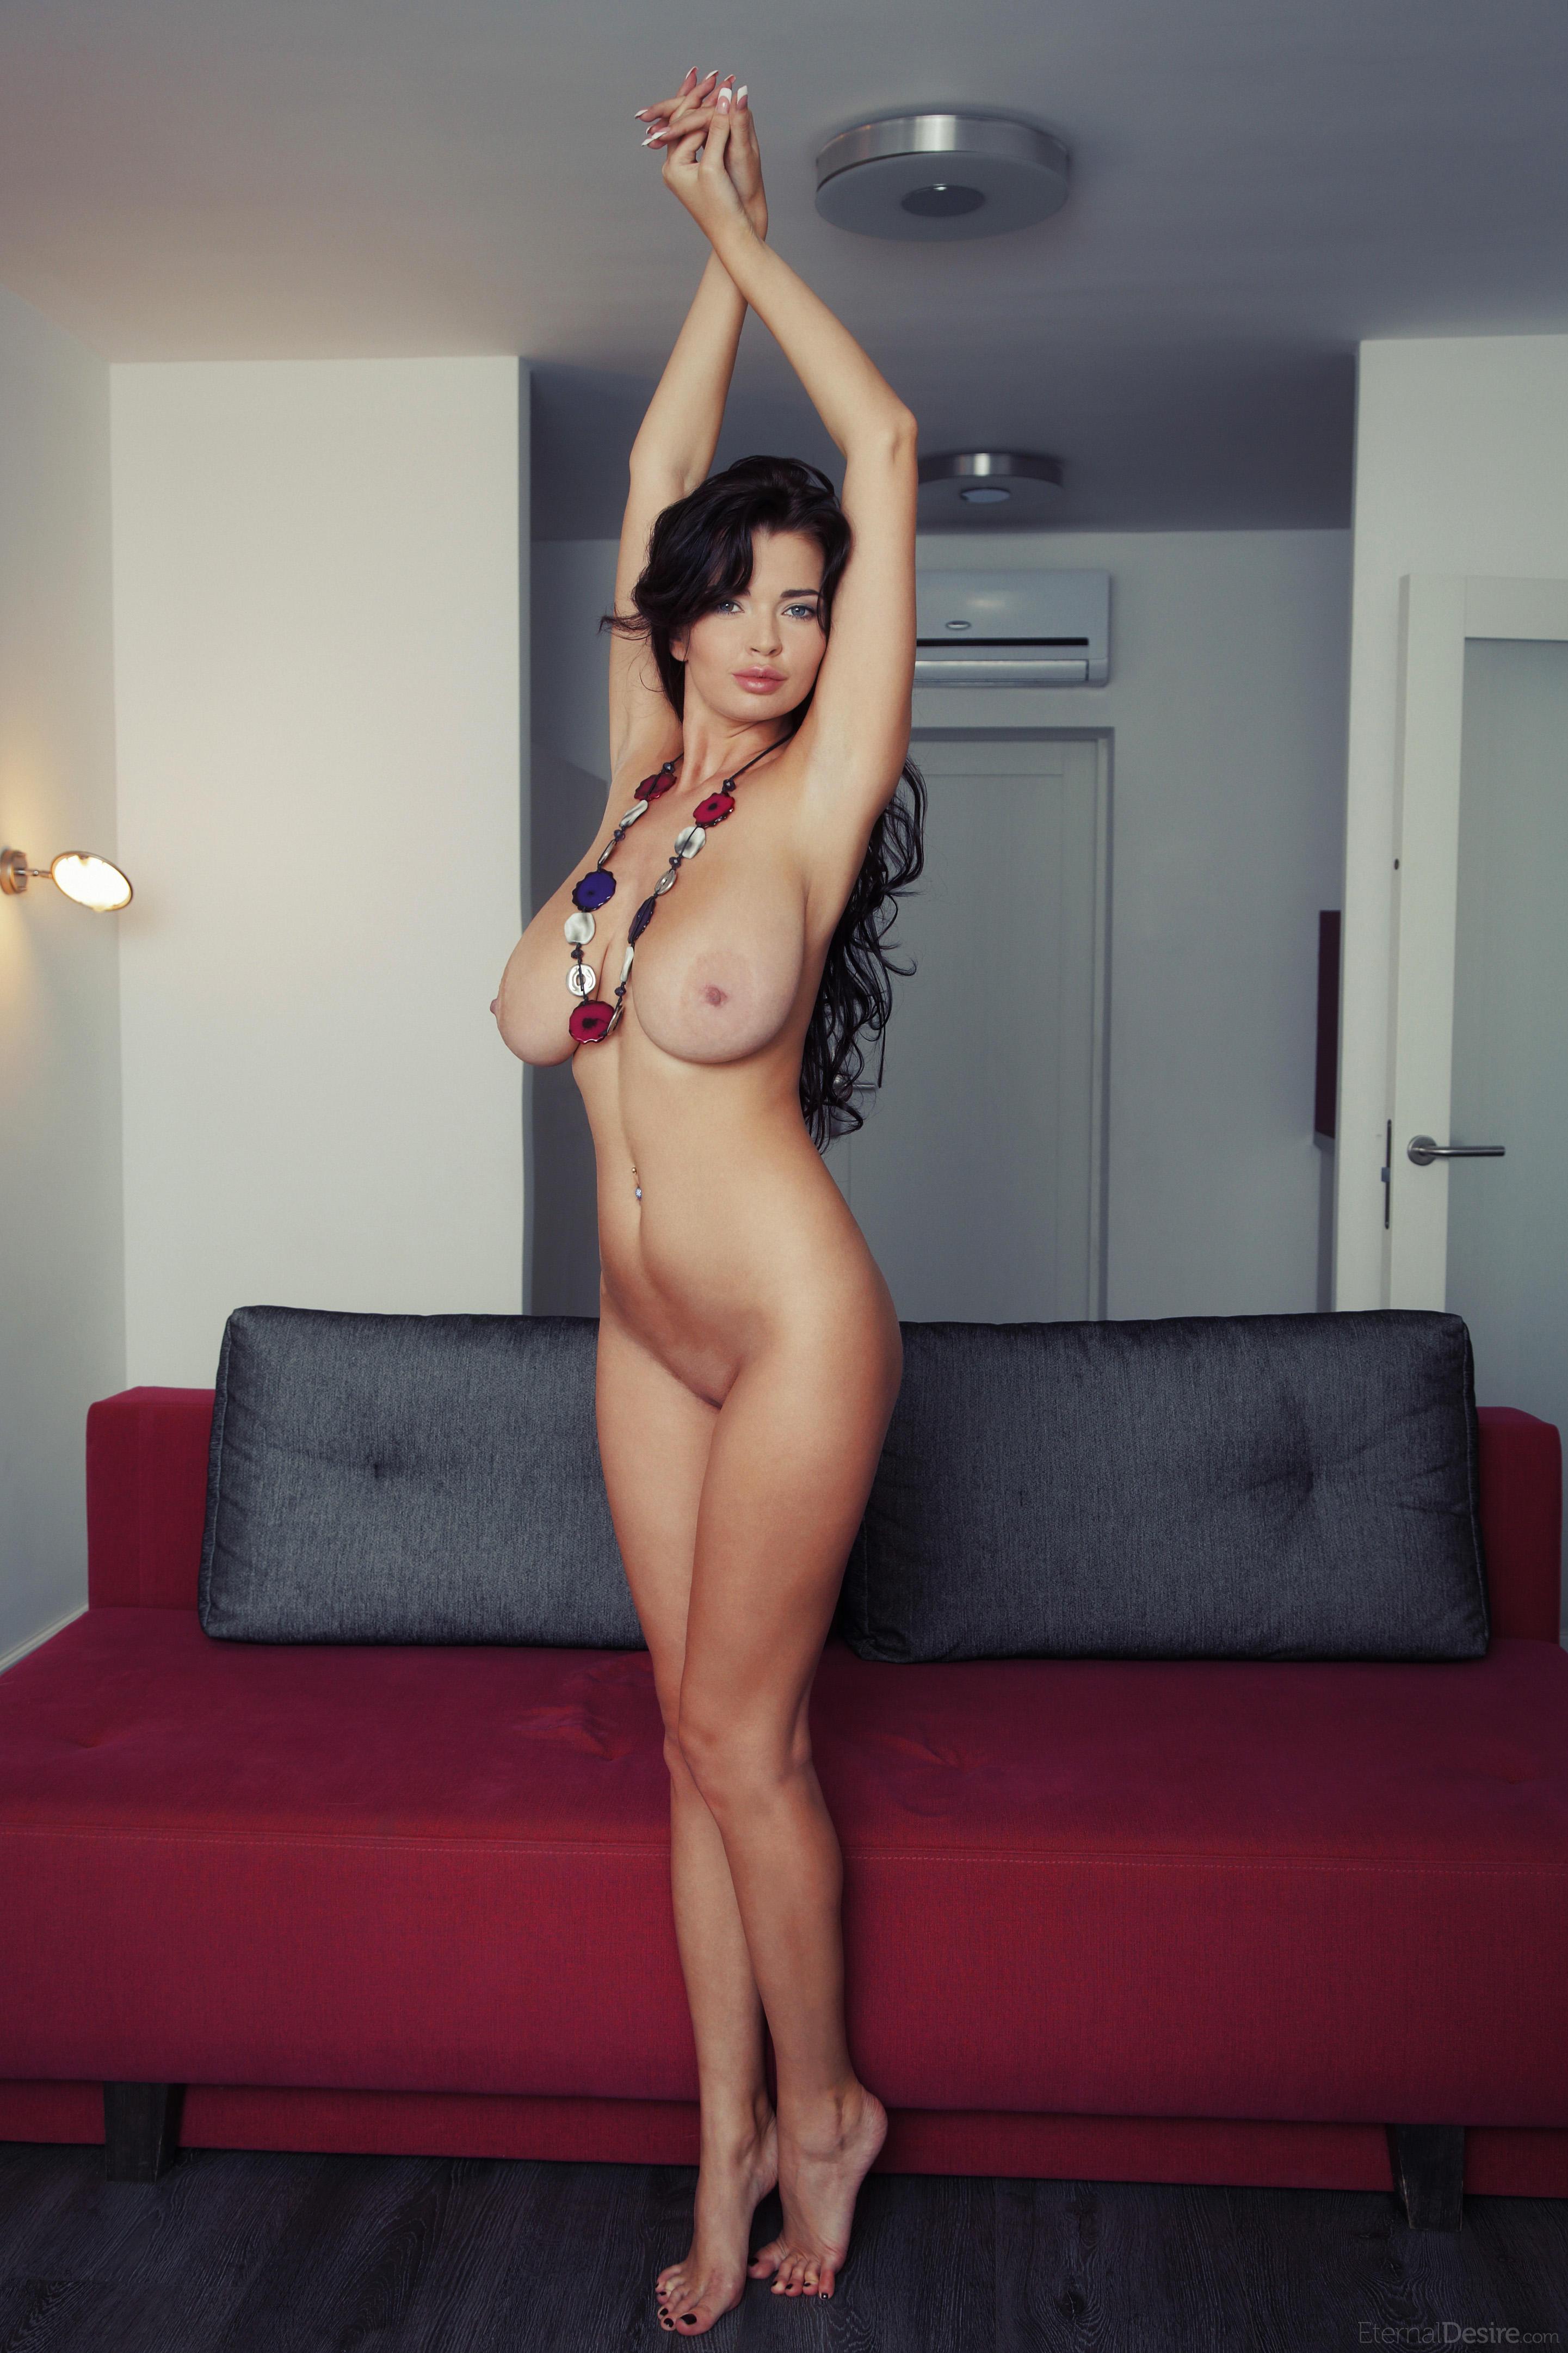 Размеры груди у порномоделей фото 507-572